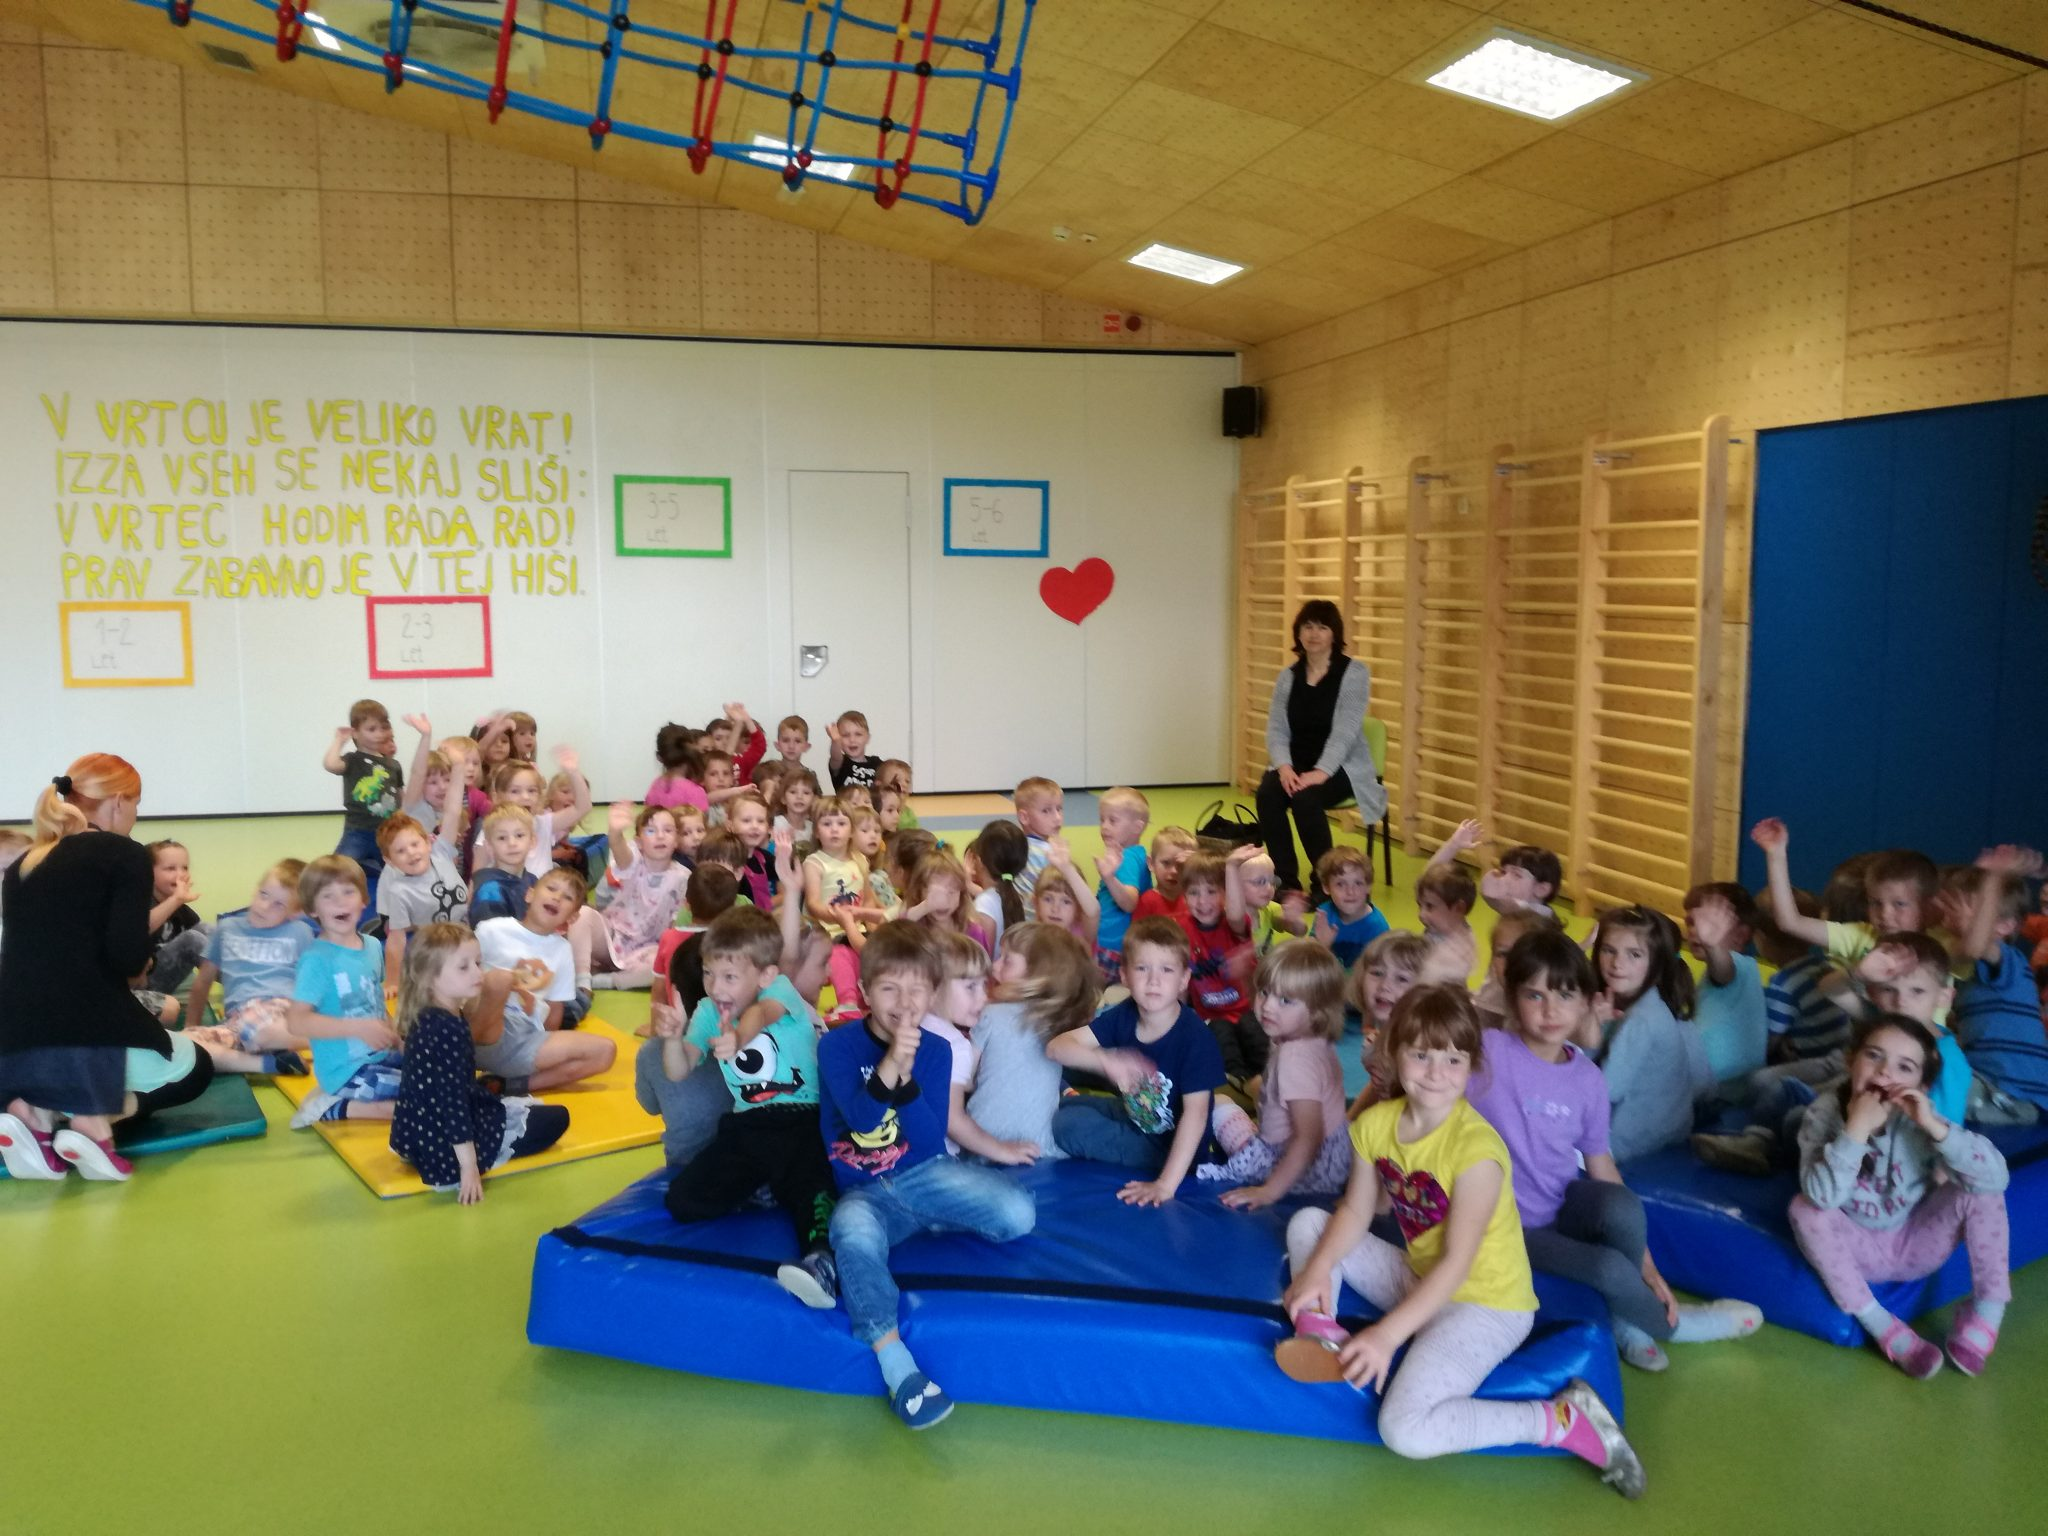 IMG 20180531 085955 - Palček Bralček je z otroki bral tudi v starejših vrtčevskih skupinah